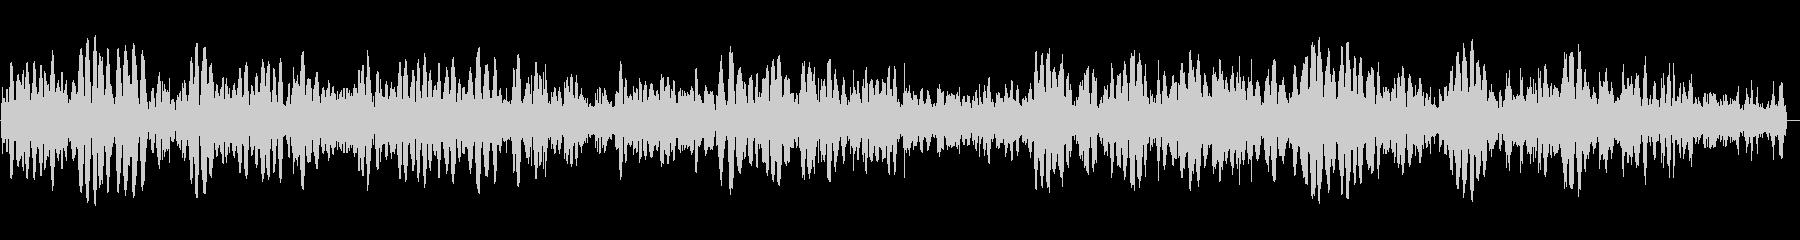 フツフツと煮る効果音の未再生の波形